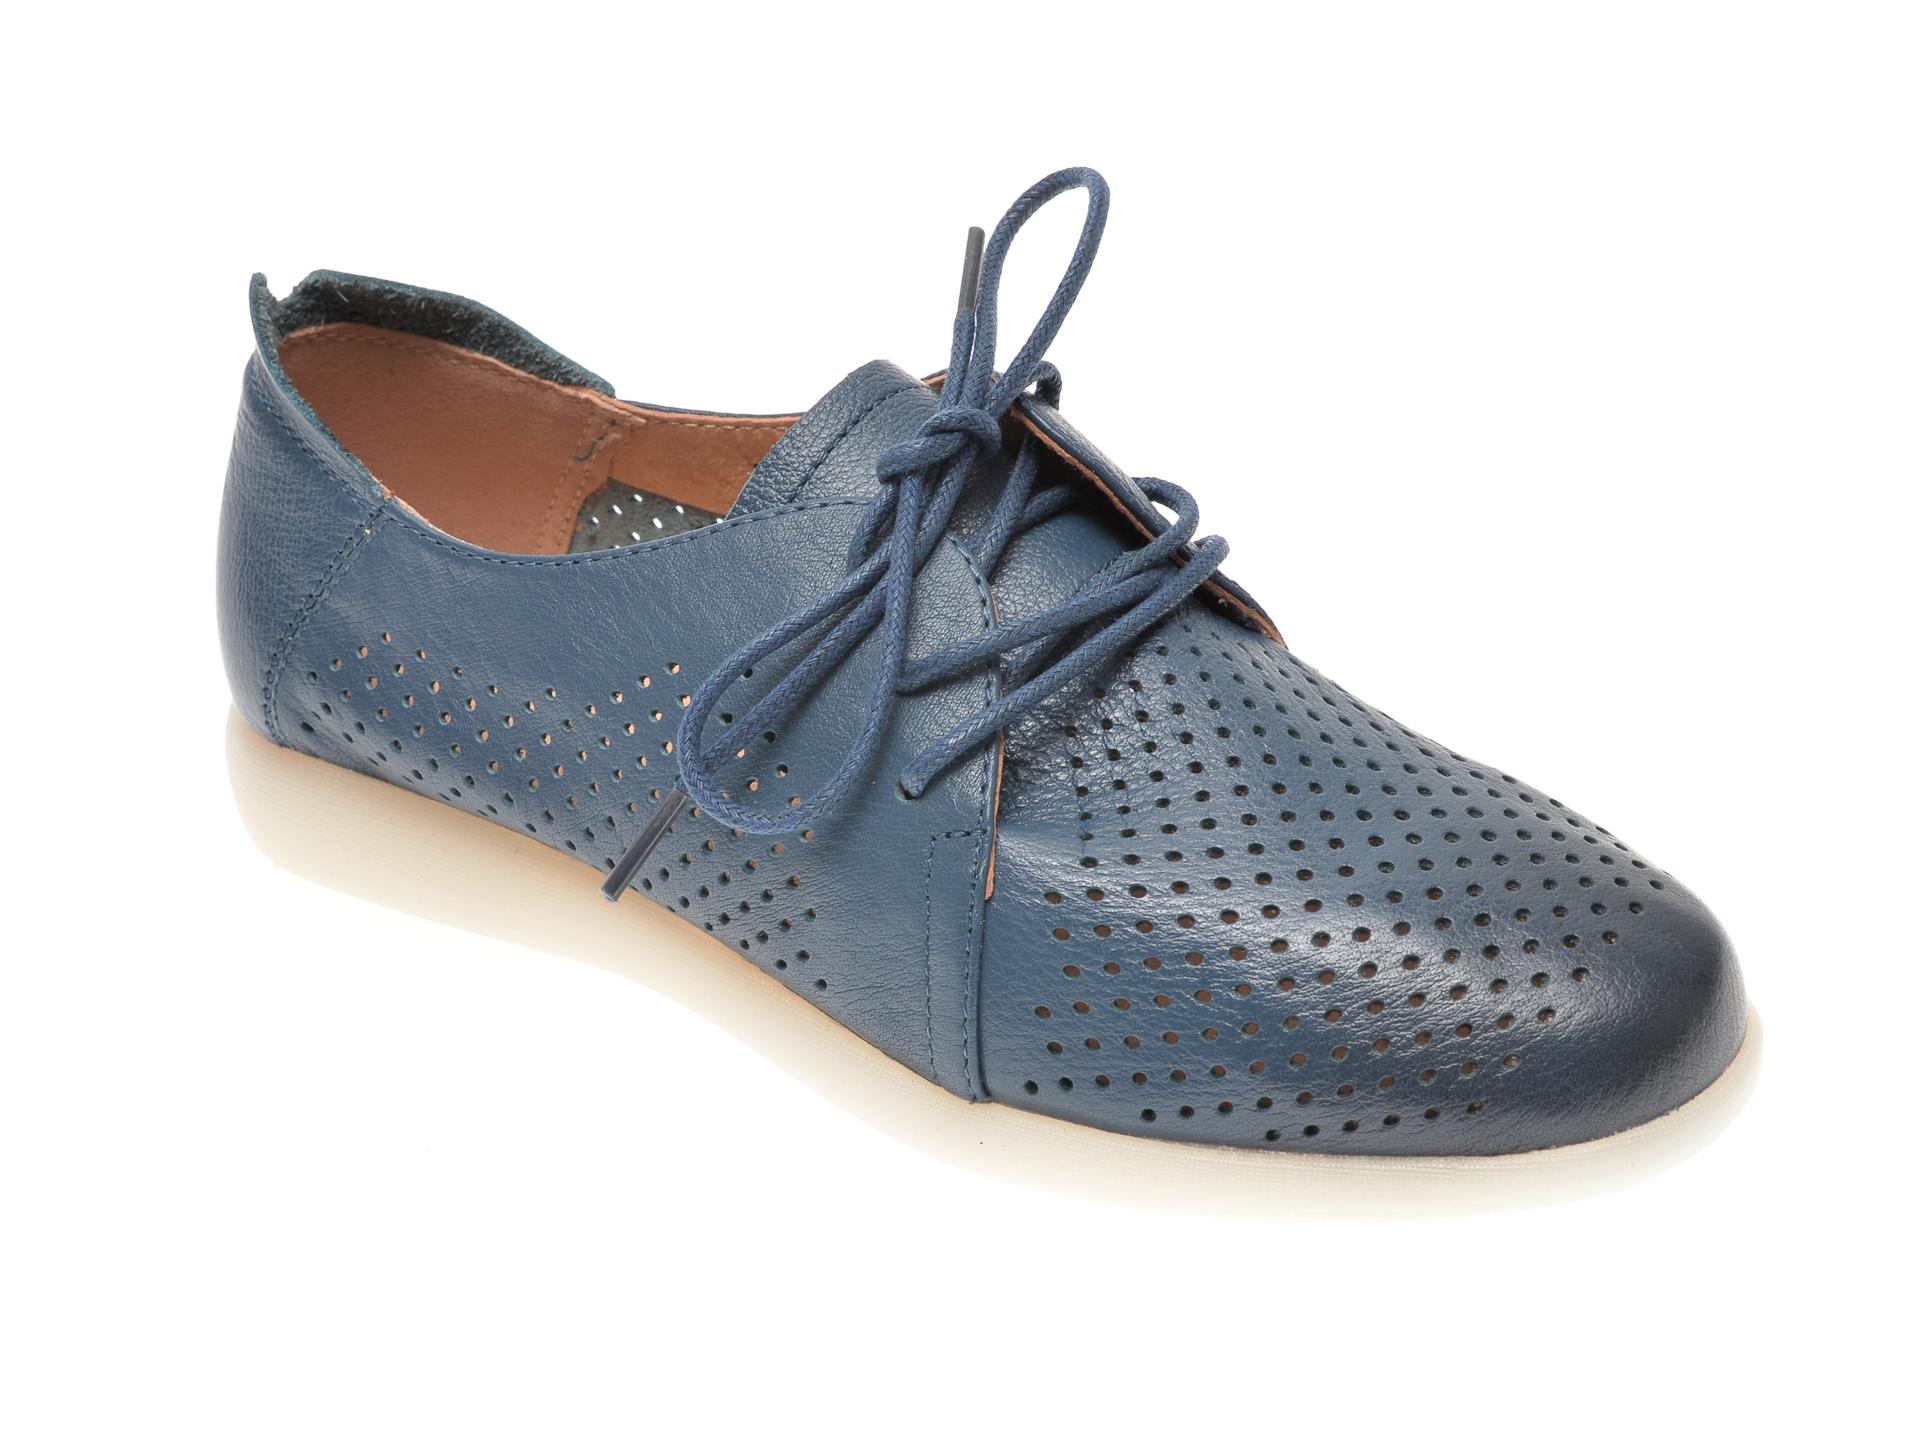 Pantofi PASS COLLECTION bleumarin, T9698, din piele naturala imagine